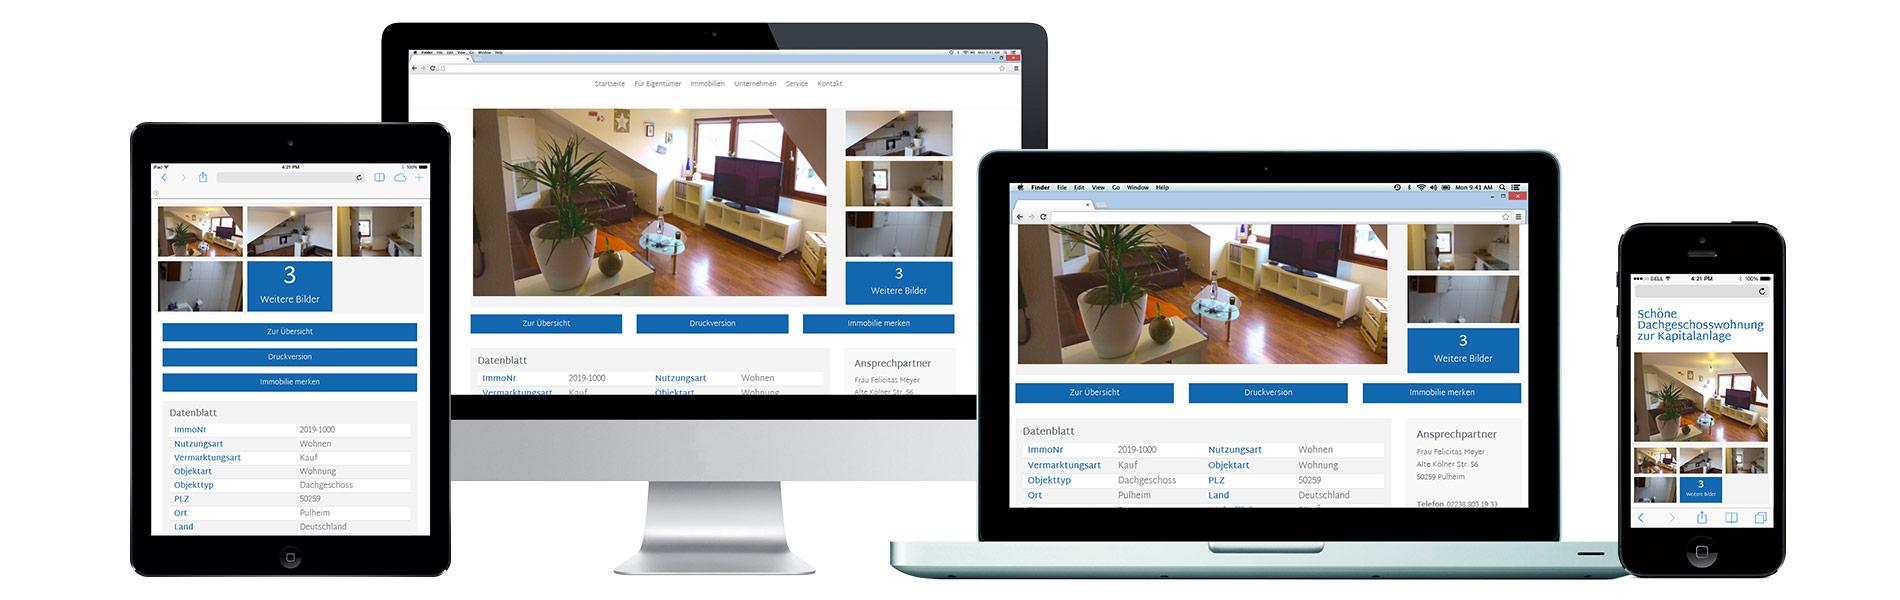 Mobile und Desktop Darstellung einer Website